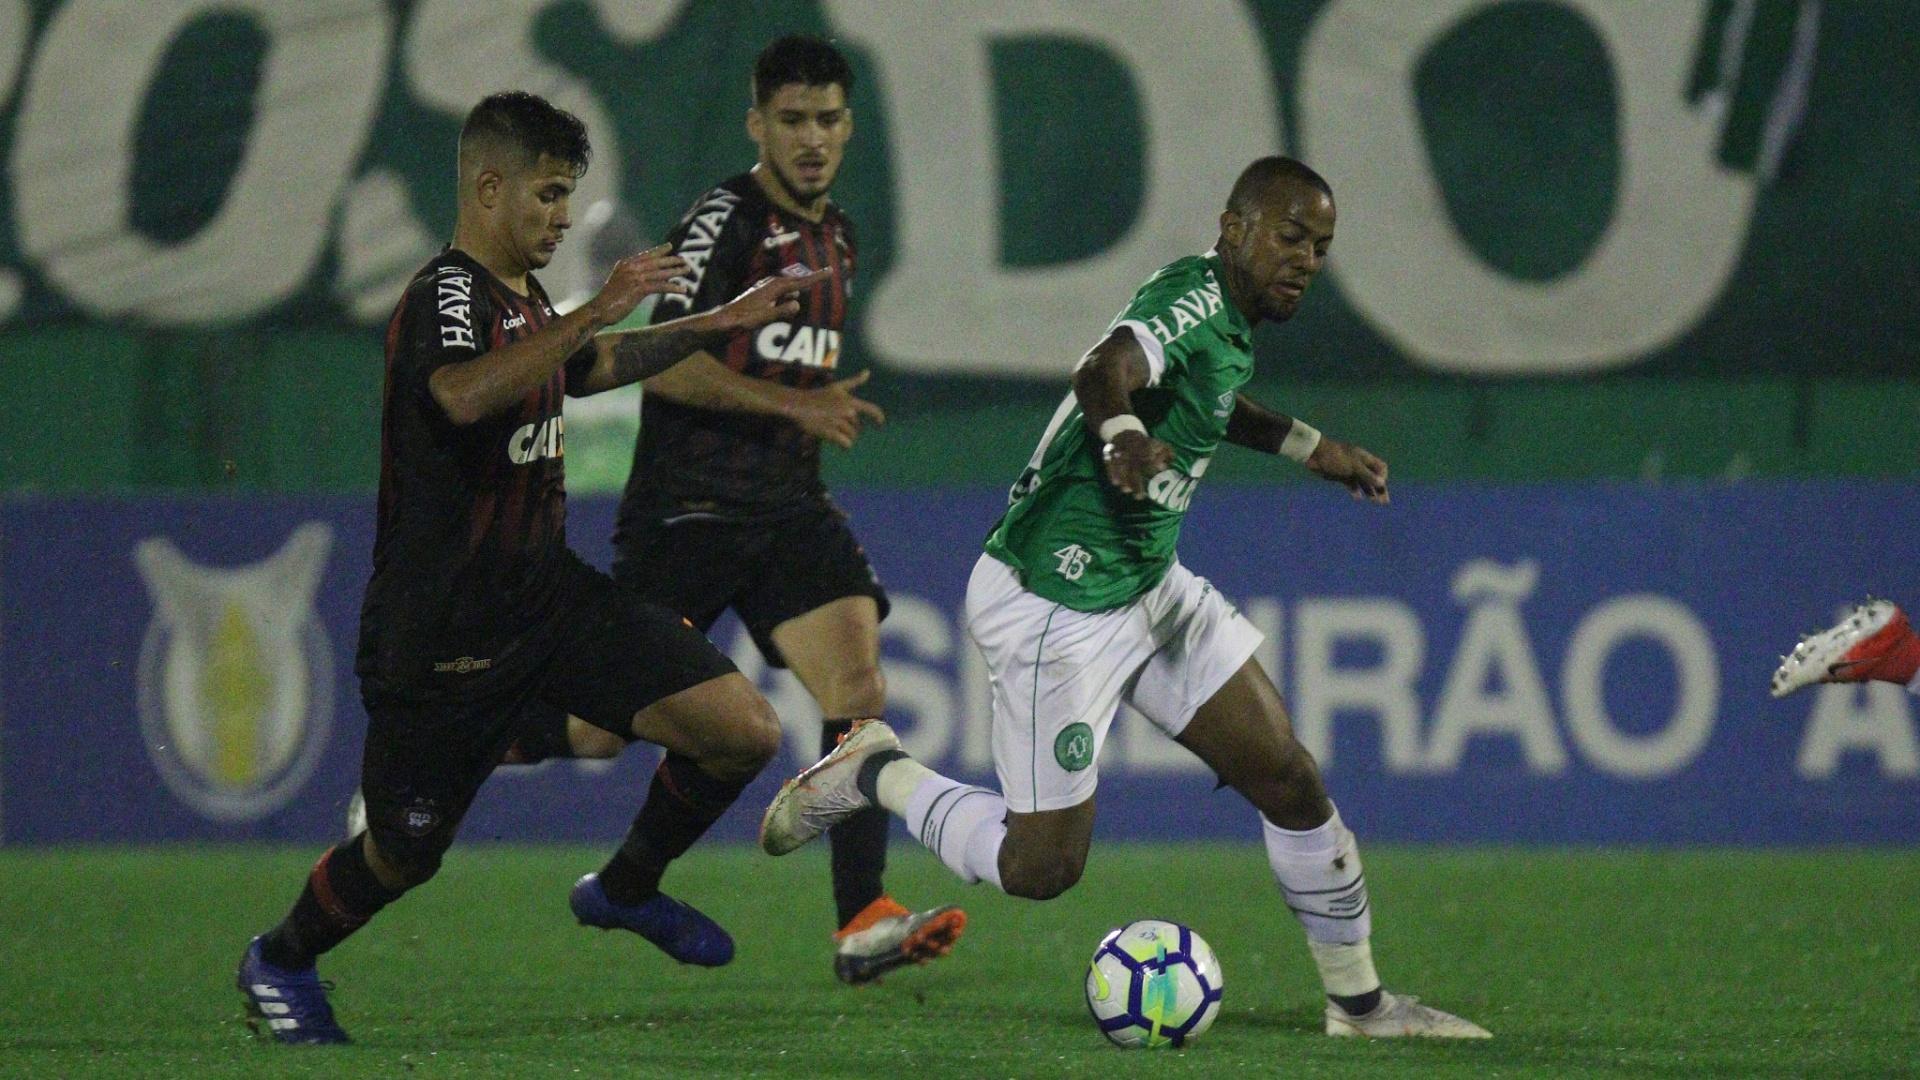 Victor Andrade tenta escapar da marcação em duelo entre Chapecoense e Atlético-PR